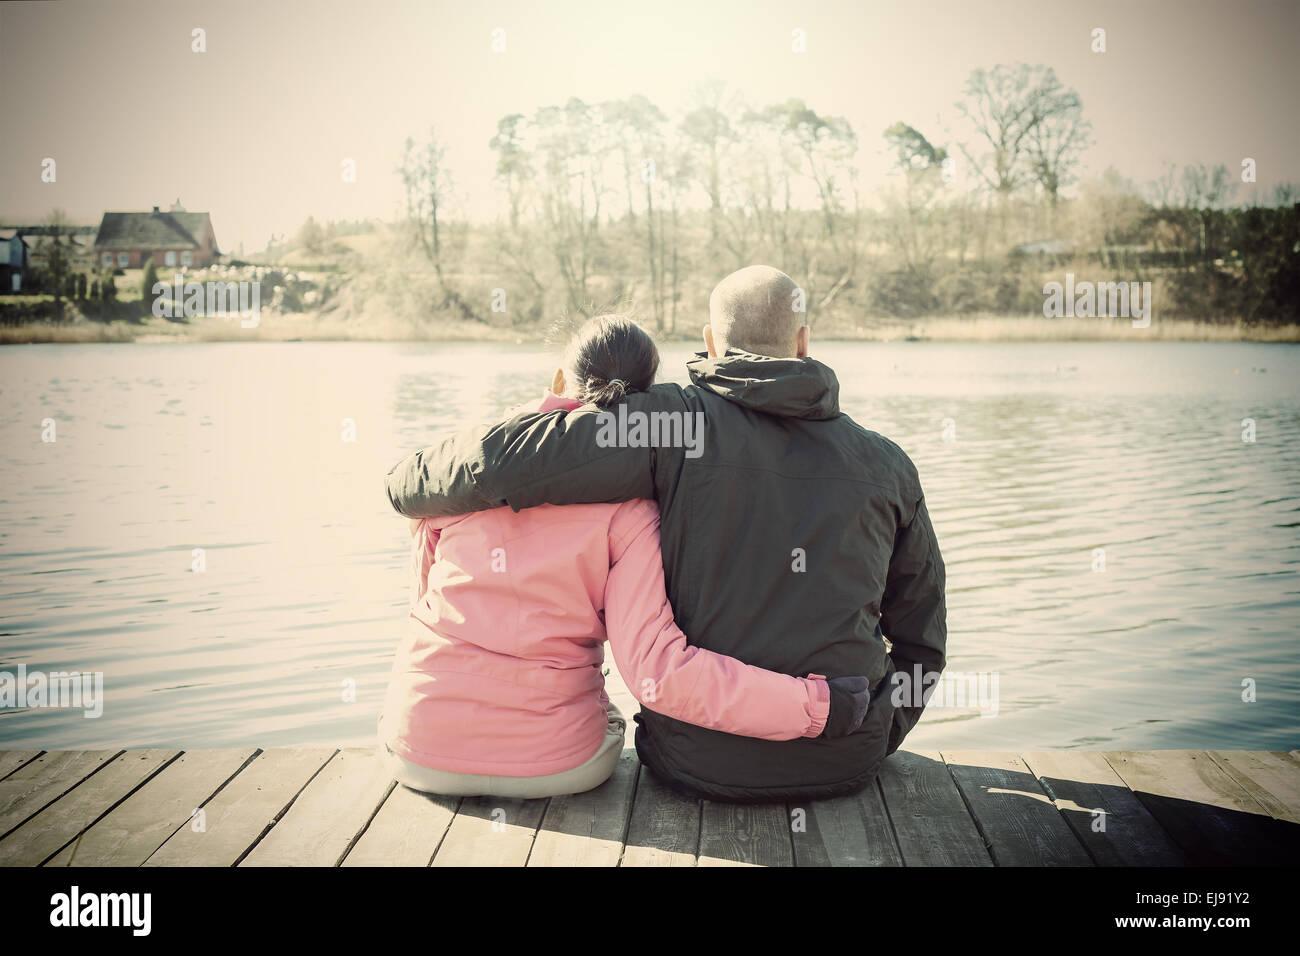 Retro sepia imagen estilizada de una pareja sentada en el muelle de madera por el lago. Imagen De Stock